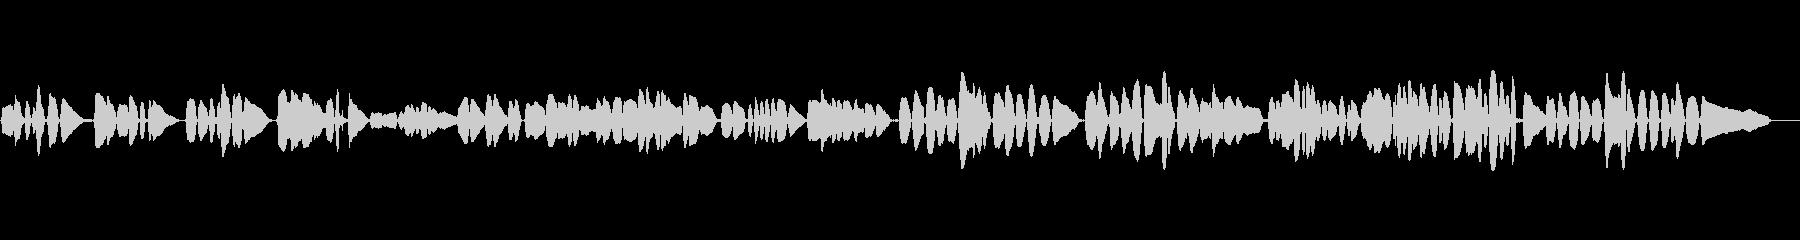 シューマン/歌曲/へたっぴバイオリンソロの未再生の波形